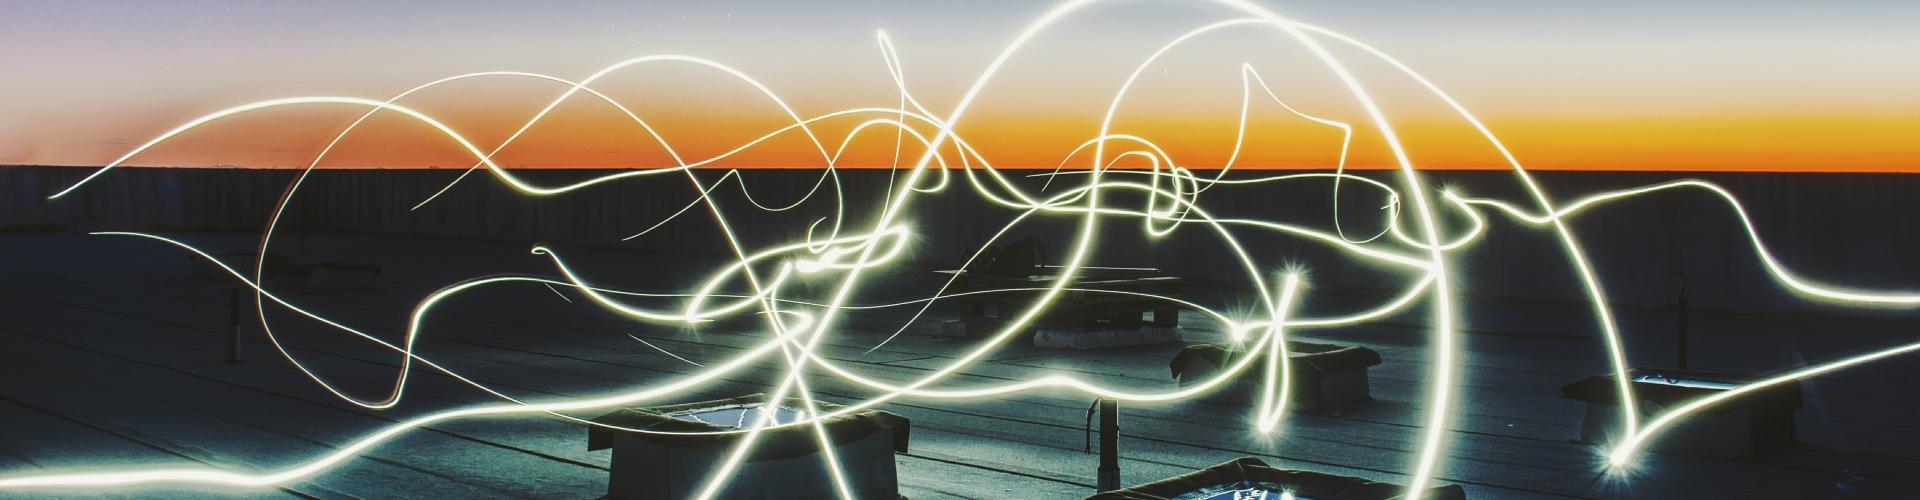 energiestromen